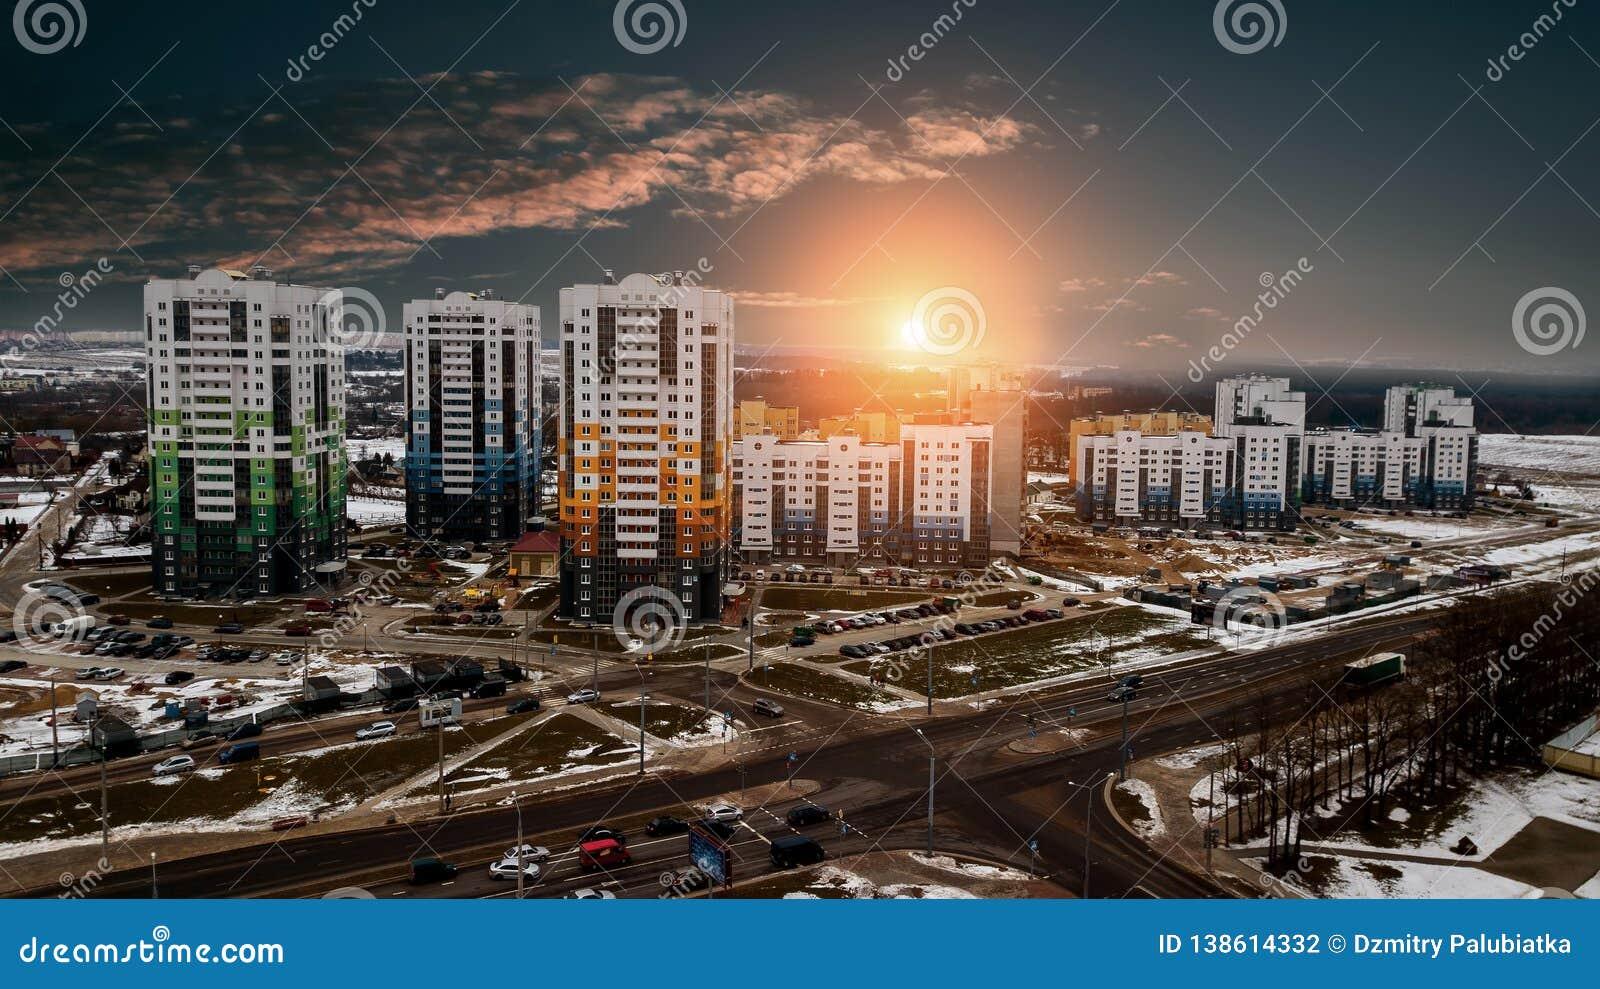 Zonsondergang meer dan een woonwijk met gebouwen met meerdere verdiepingen